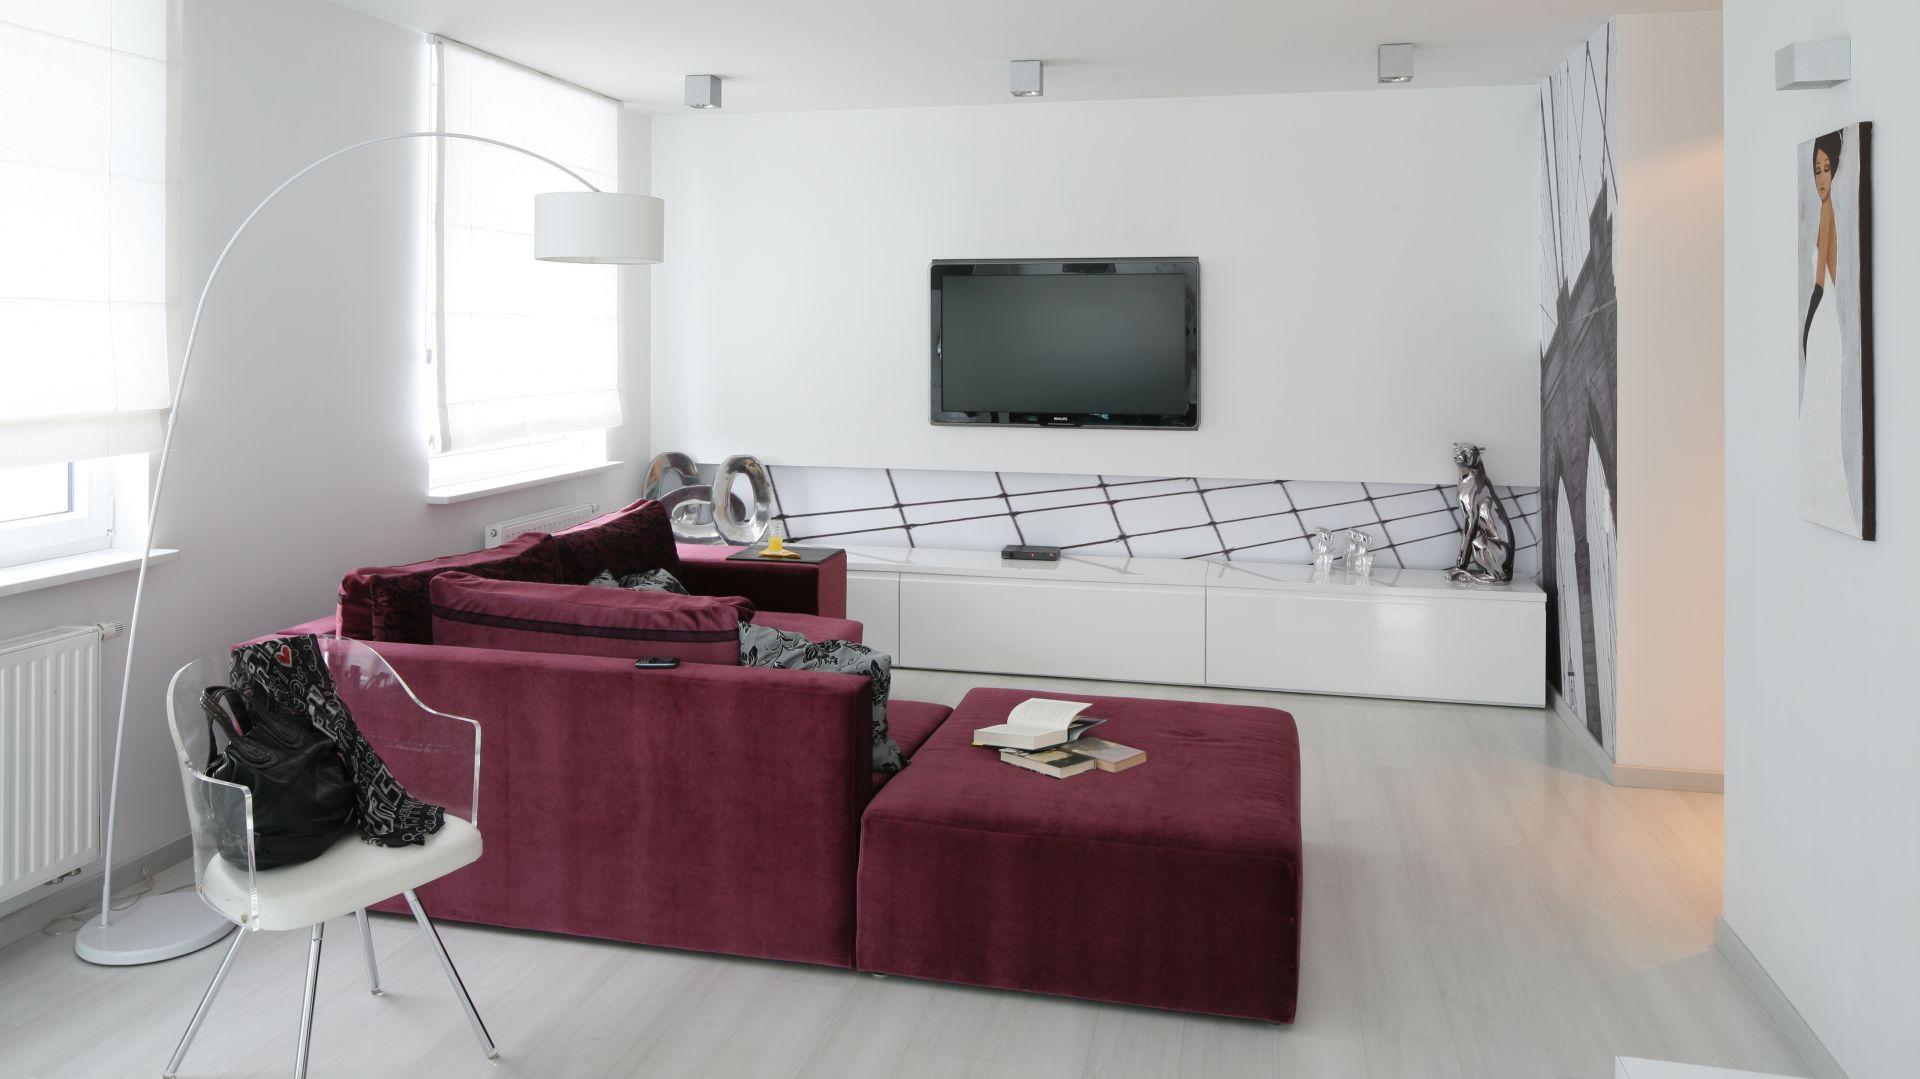 Urozmaiceniem minimalistycznego wnętrza, może być sofa w intensywnym kolorze. Projekt: Anna Maria Sokołowska. Fot. Bartosz Jarosz